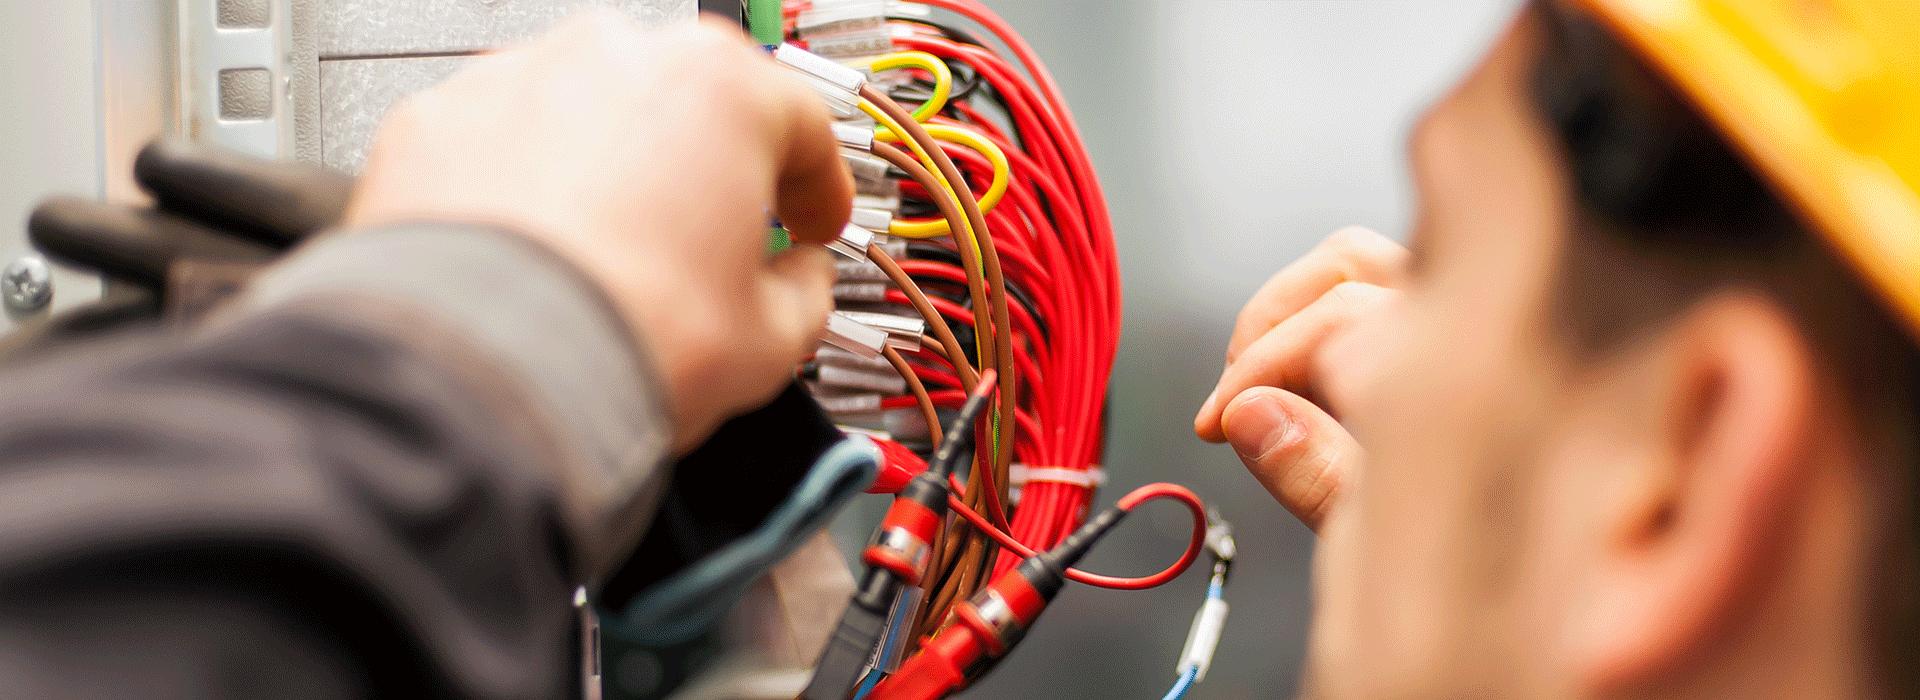 Warum es sich für Energiedienstleister lohnt, auf Kundenorientierung zu setzen